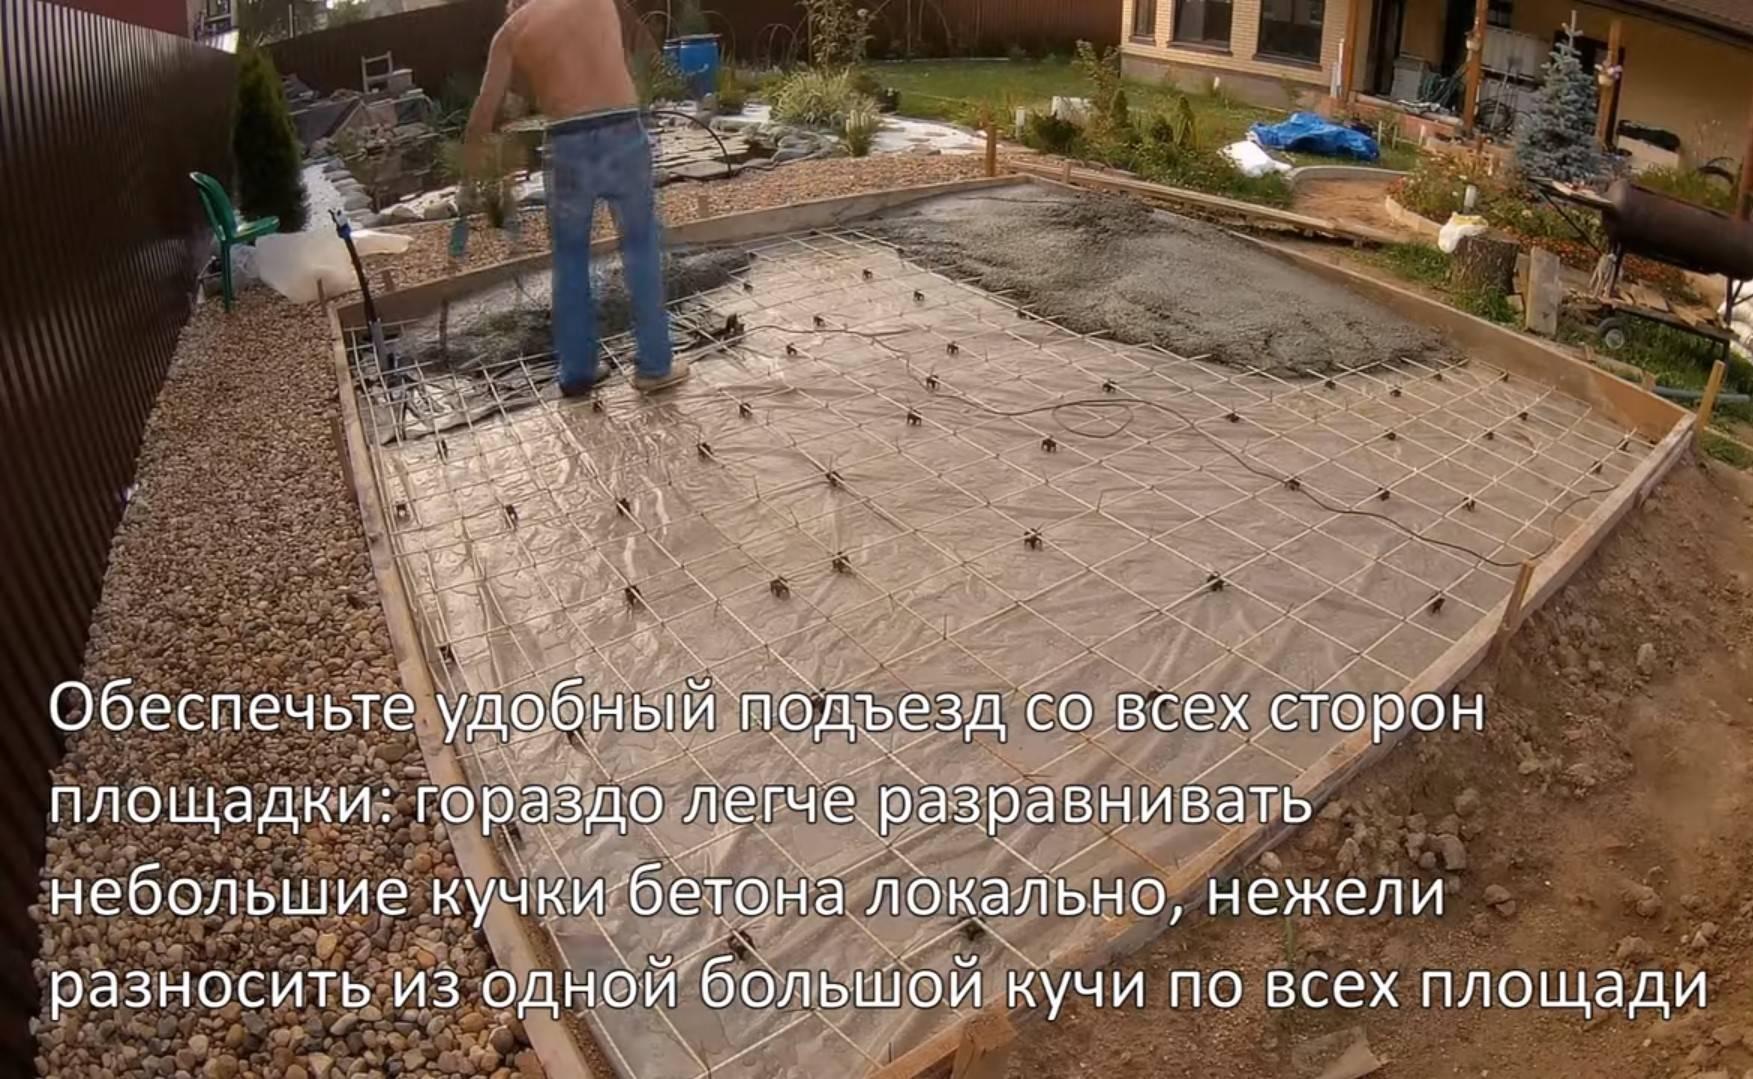 Пол в беседке: какие полы можно обустроить в беседке, пошаговый процесс изготовления деревянного и бетонного пола